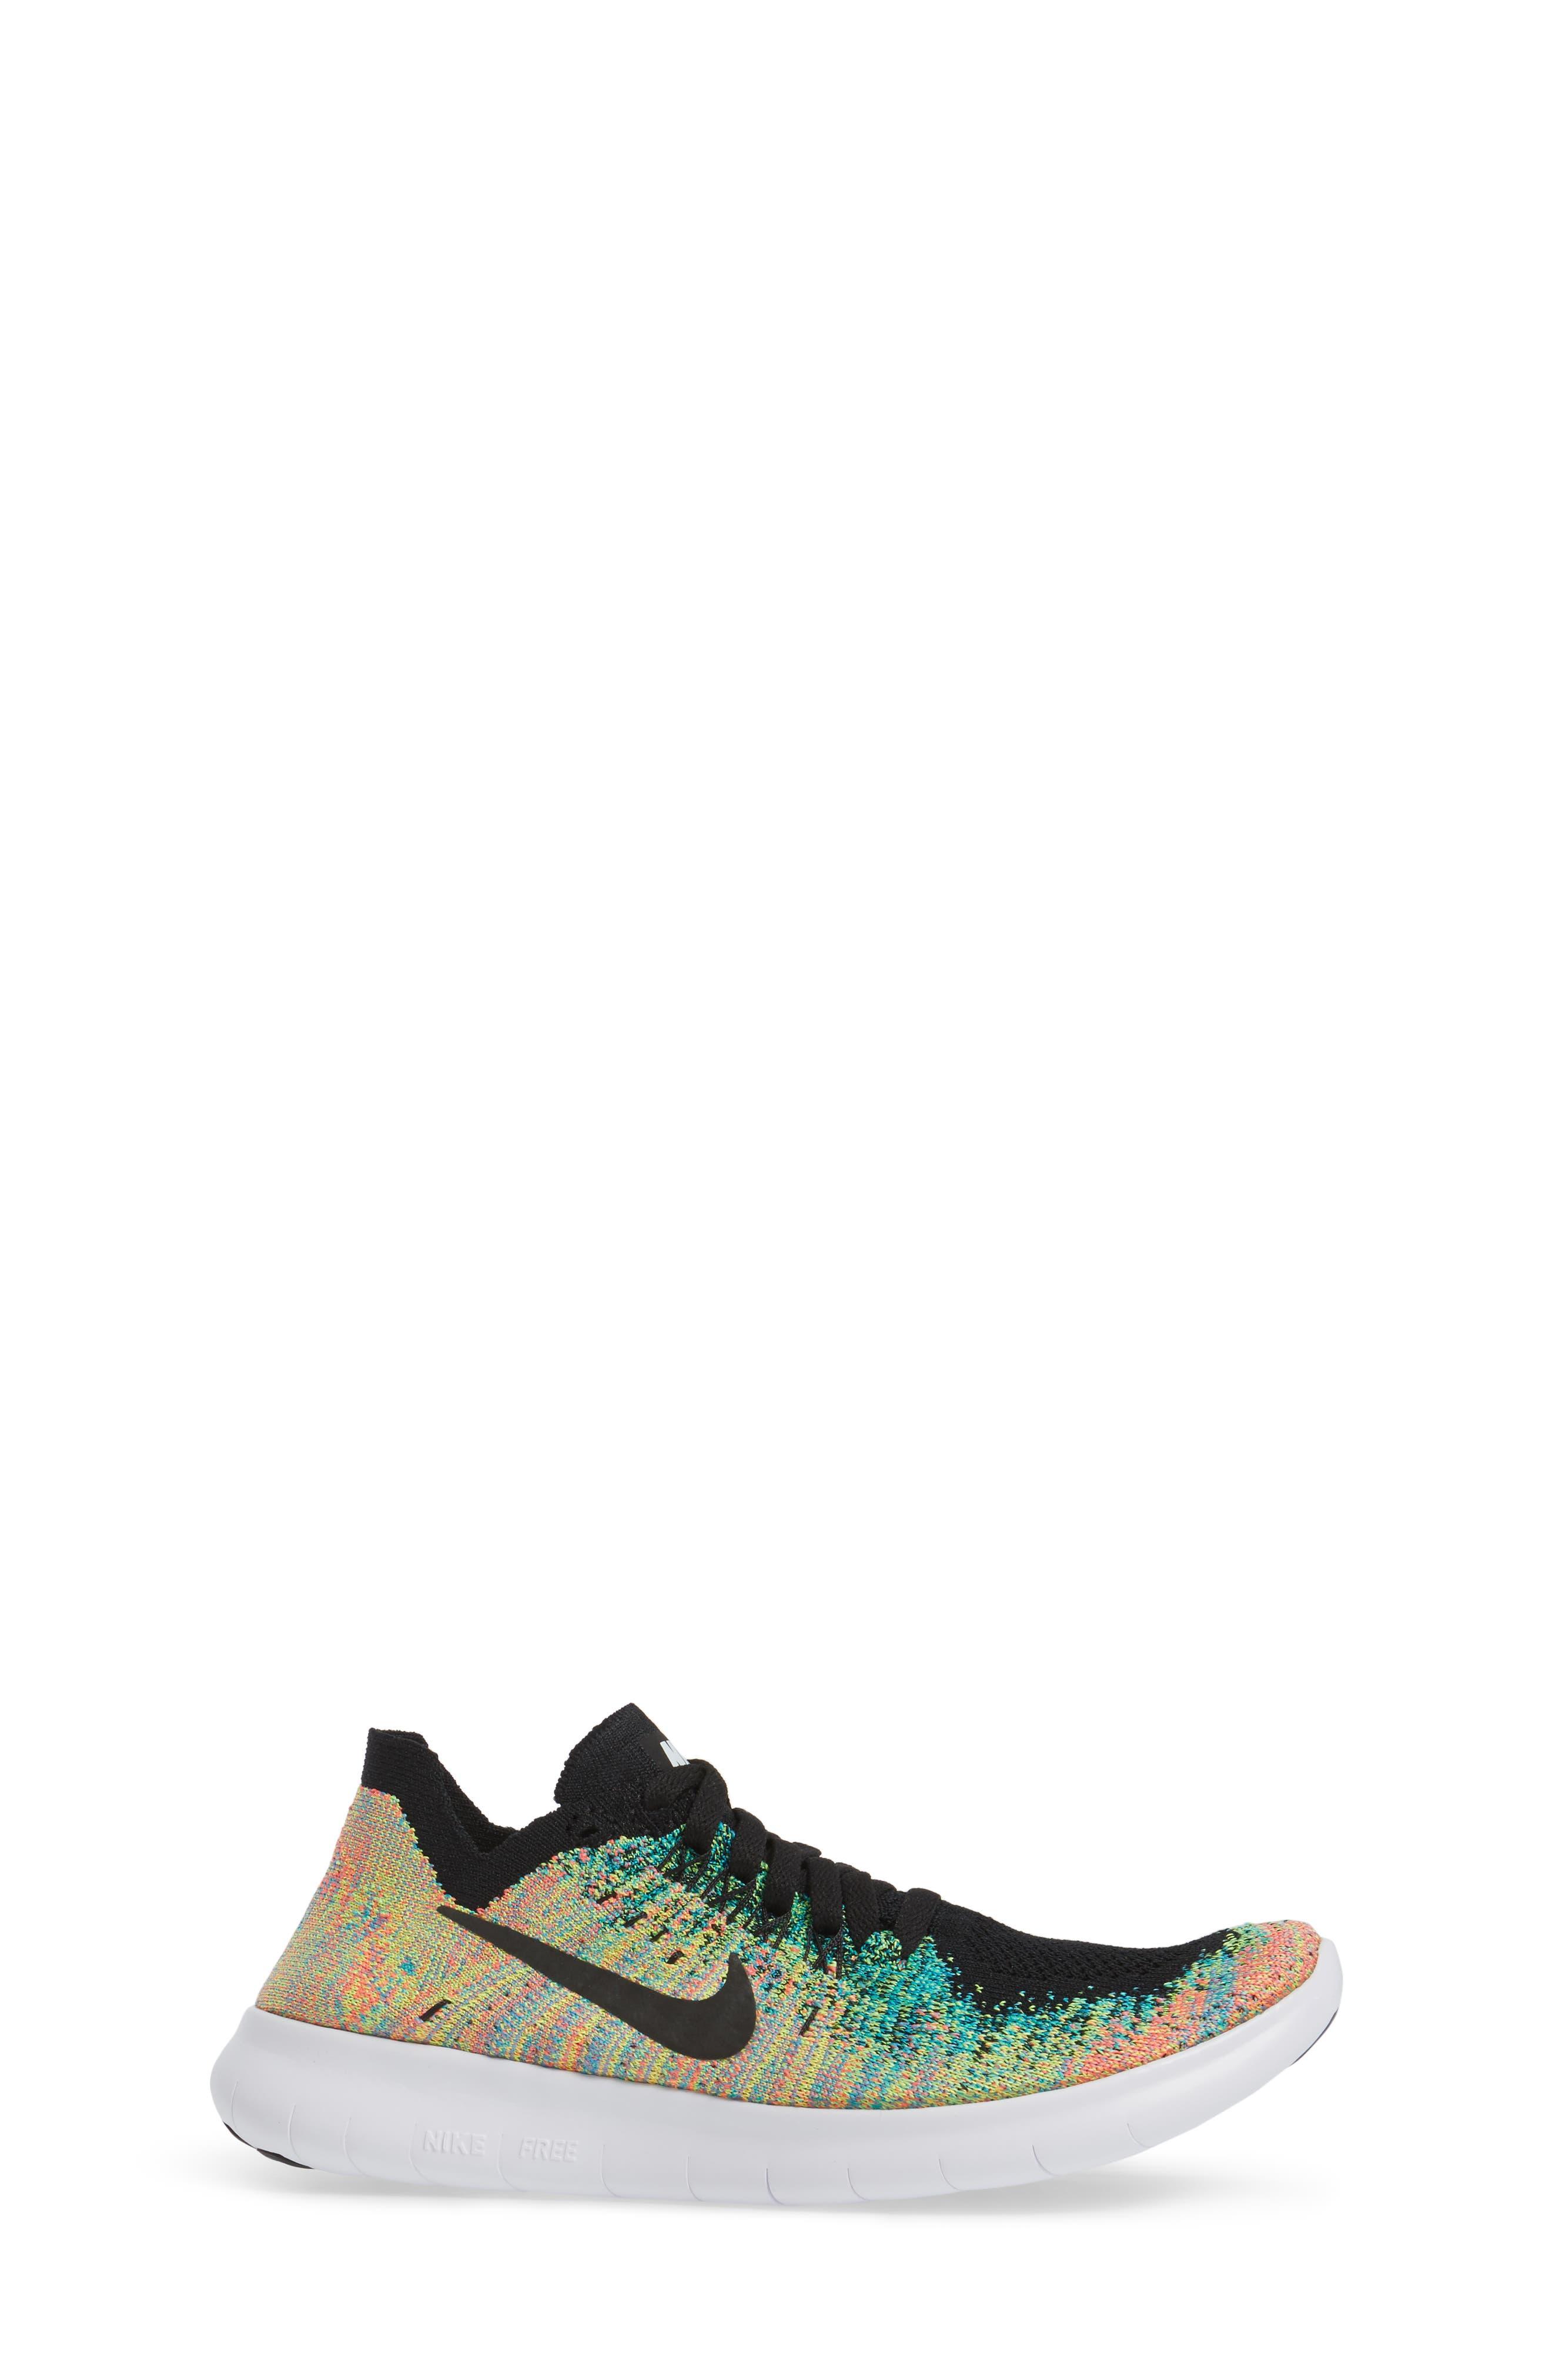 Alternate Image 3  - Nike Free RN Flyknit 2017 Running Shoe (Big Kid)